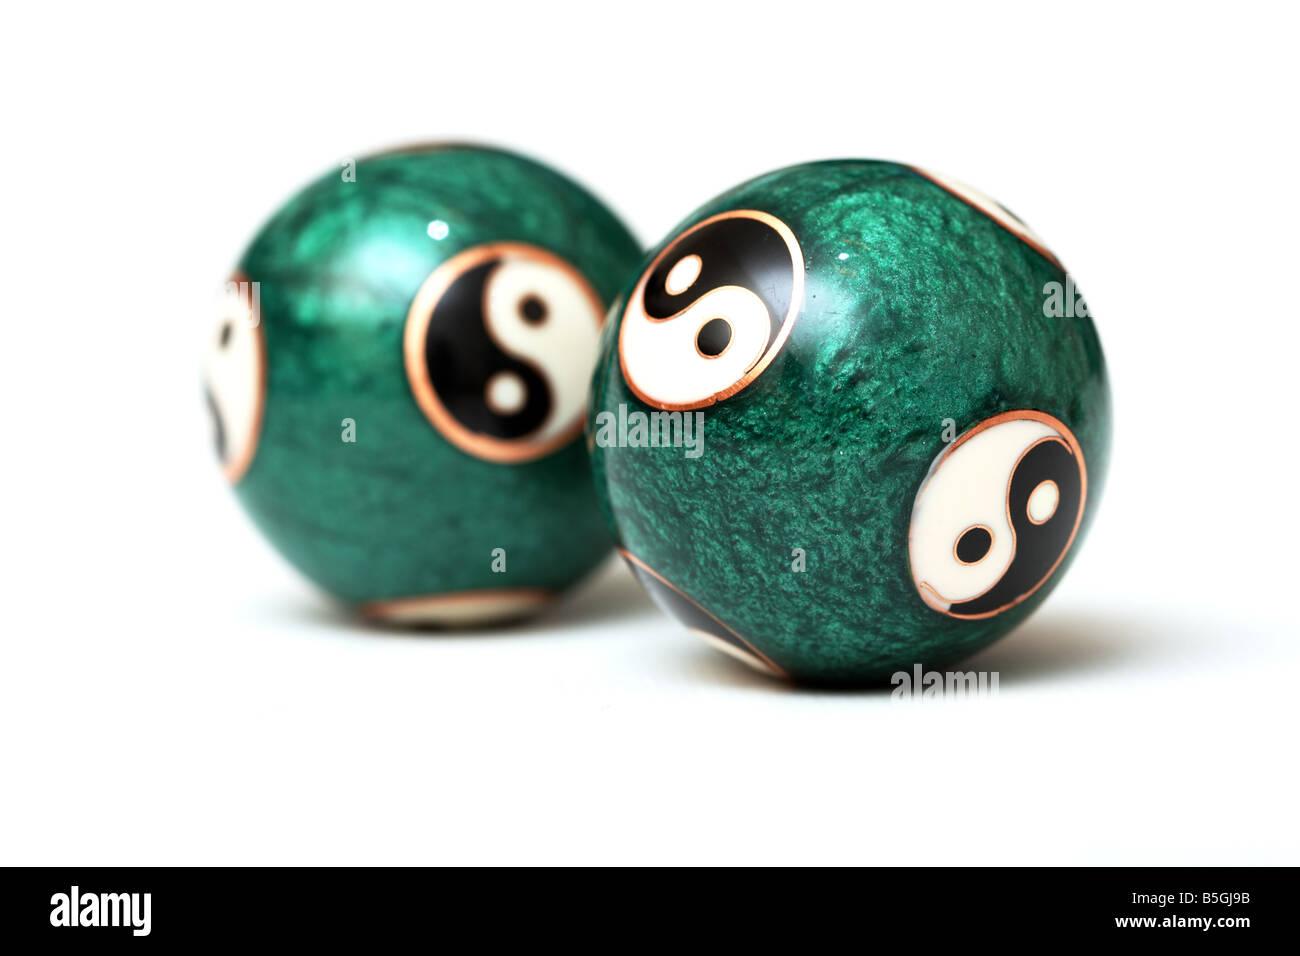 Ying Yang sfere isolati su sfondo bianco. Messa a fuoco su uno sfondo bianco. Immagini Stock